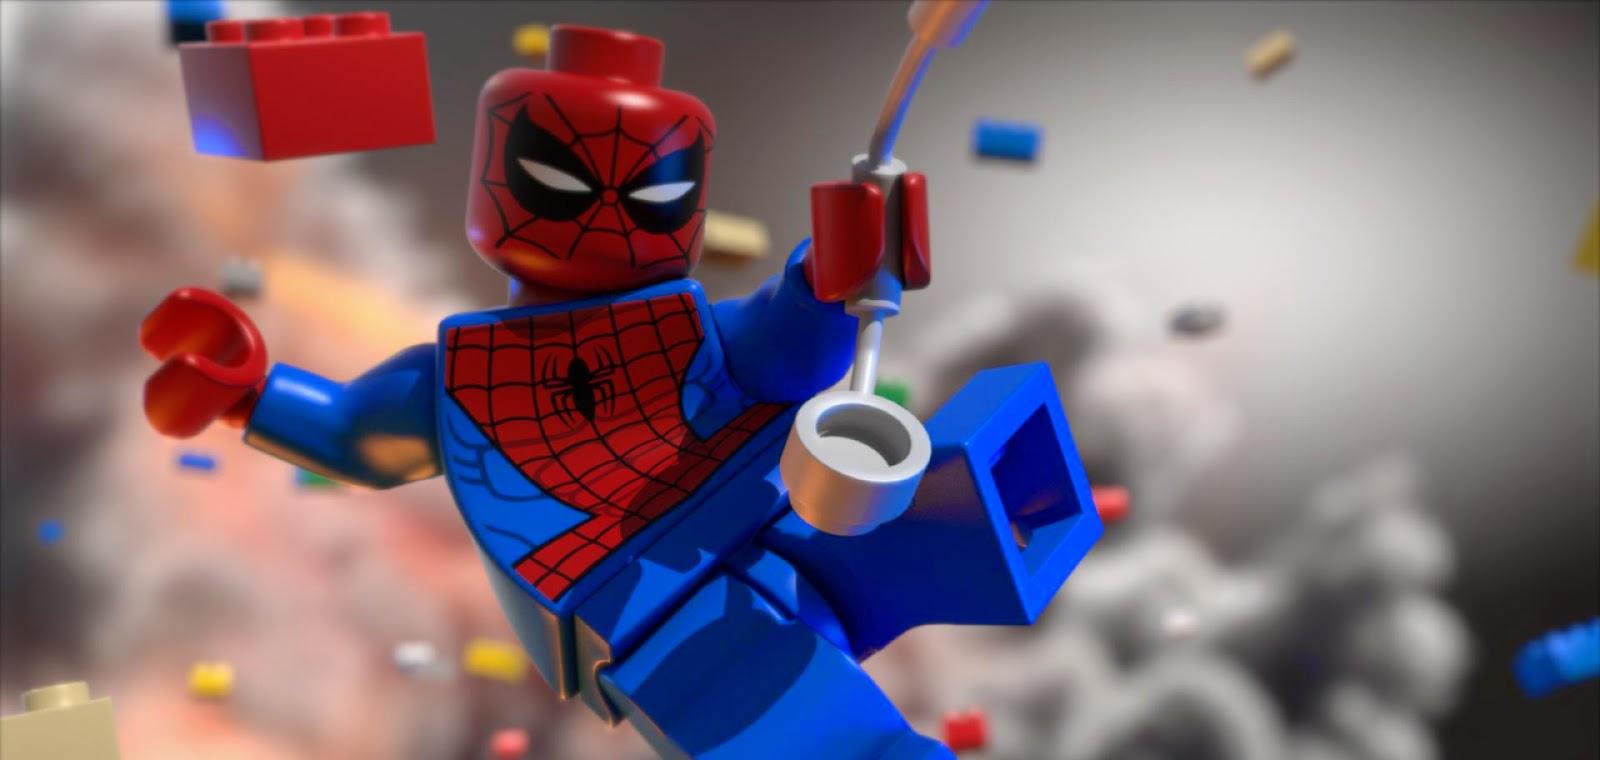 Như đã biết, vụ Sony Hack đã tiết lộ rằng Sony muốn Phil Lord và Chris Miller làm đạo diễn cho một bộ phim hoạt hình lấy bối cảnh vũ trụ Spider-Man ...